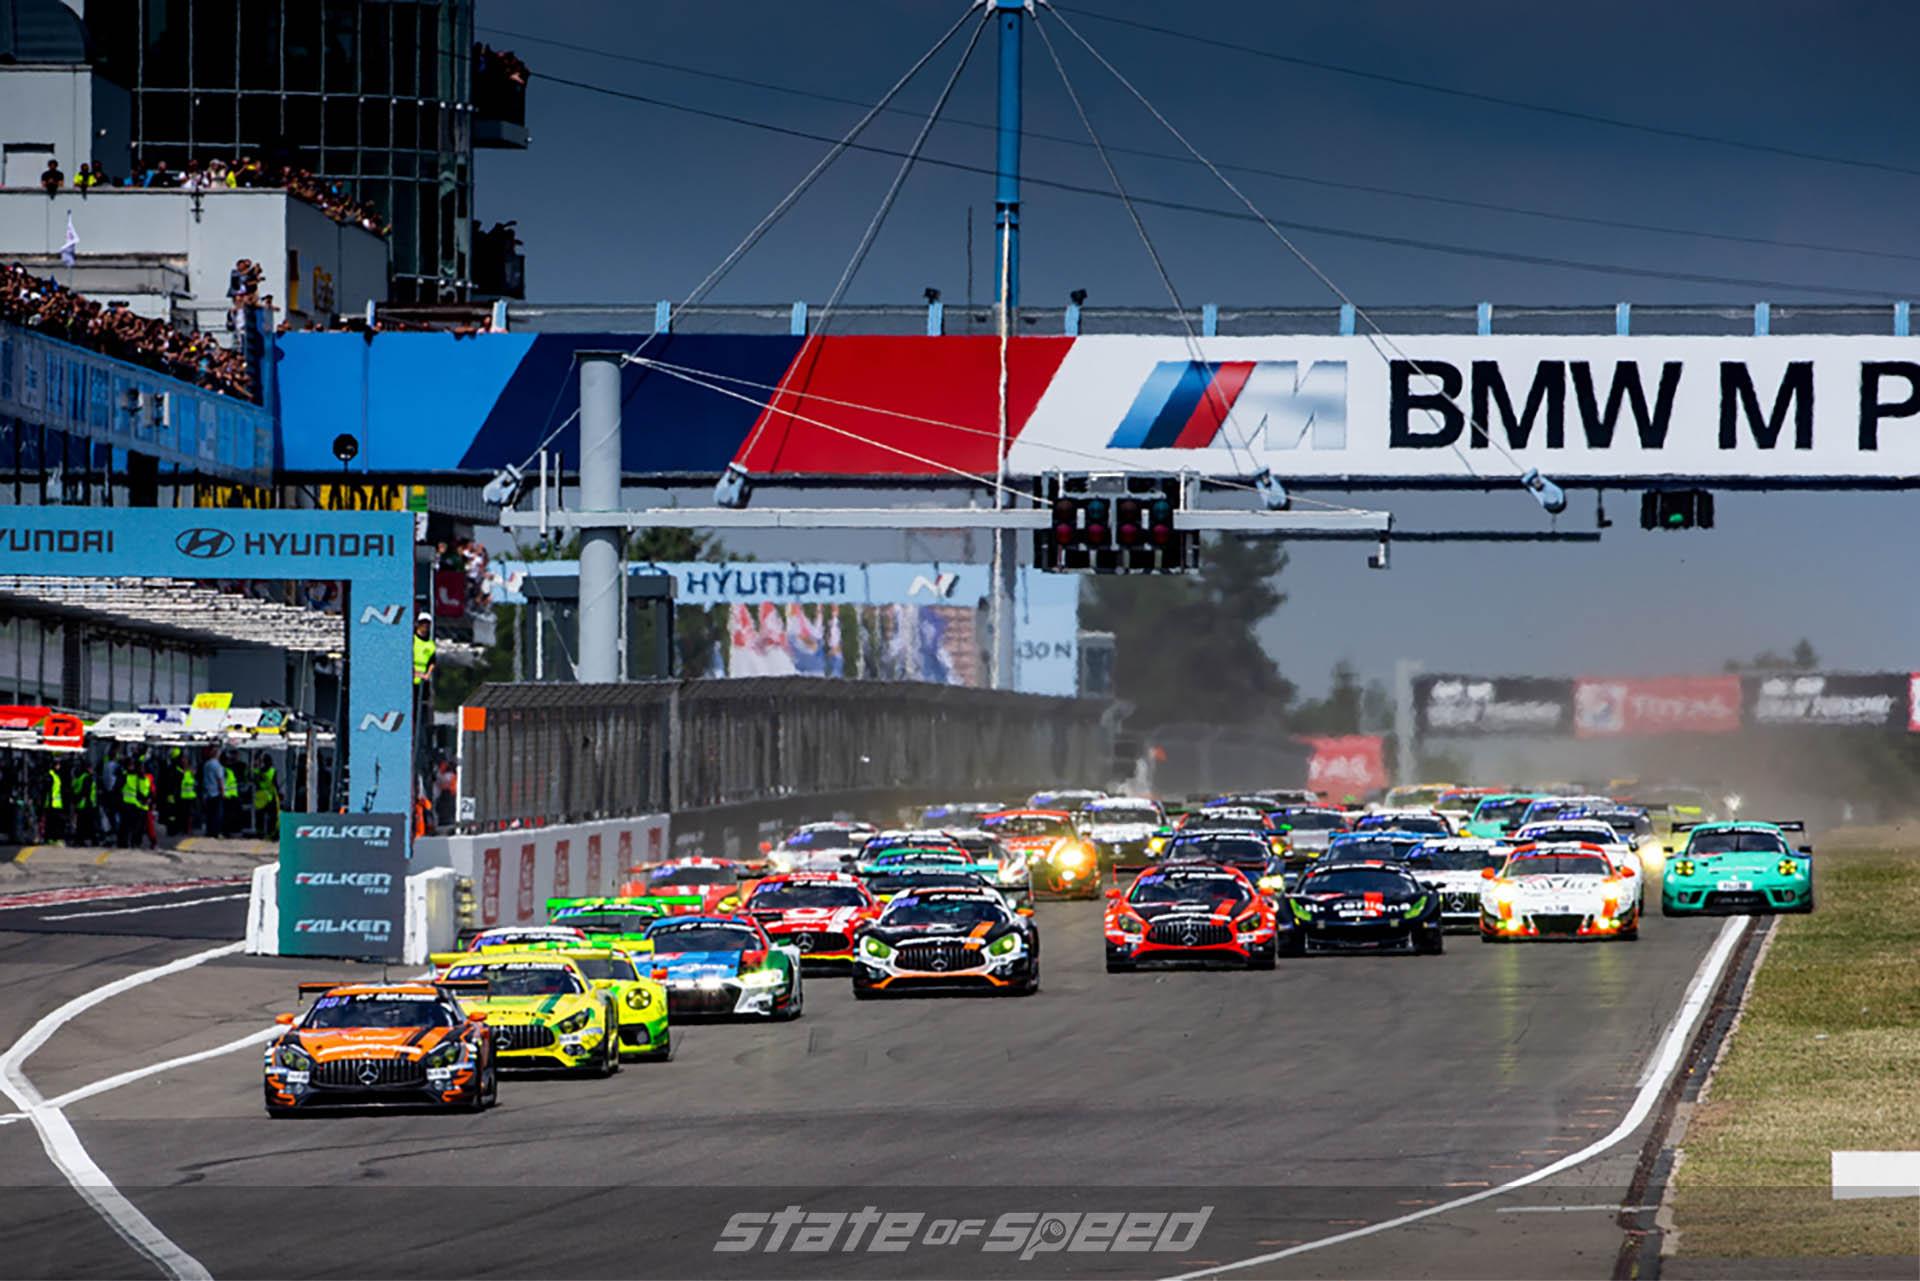 Starting Line at the Nurburgring